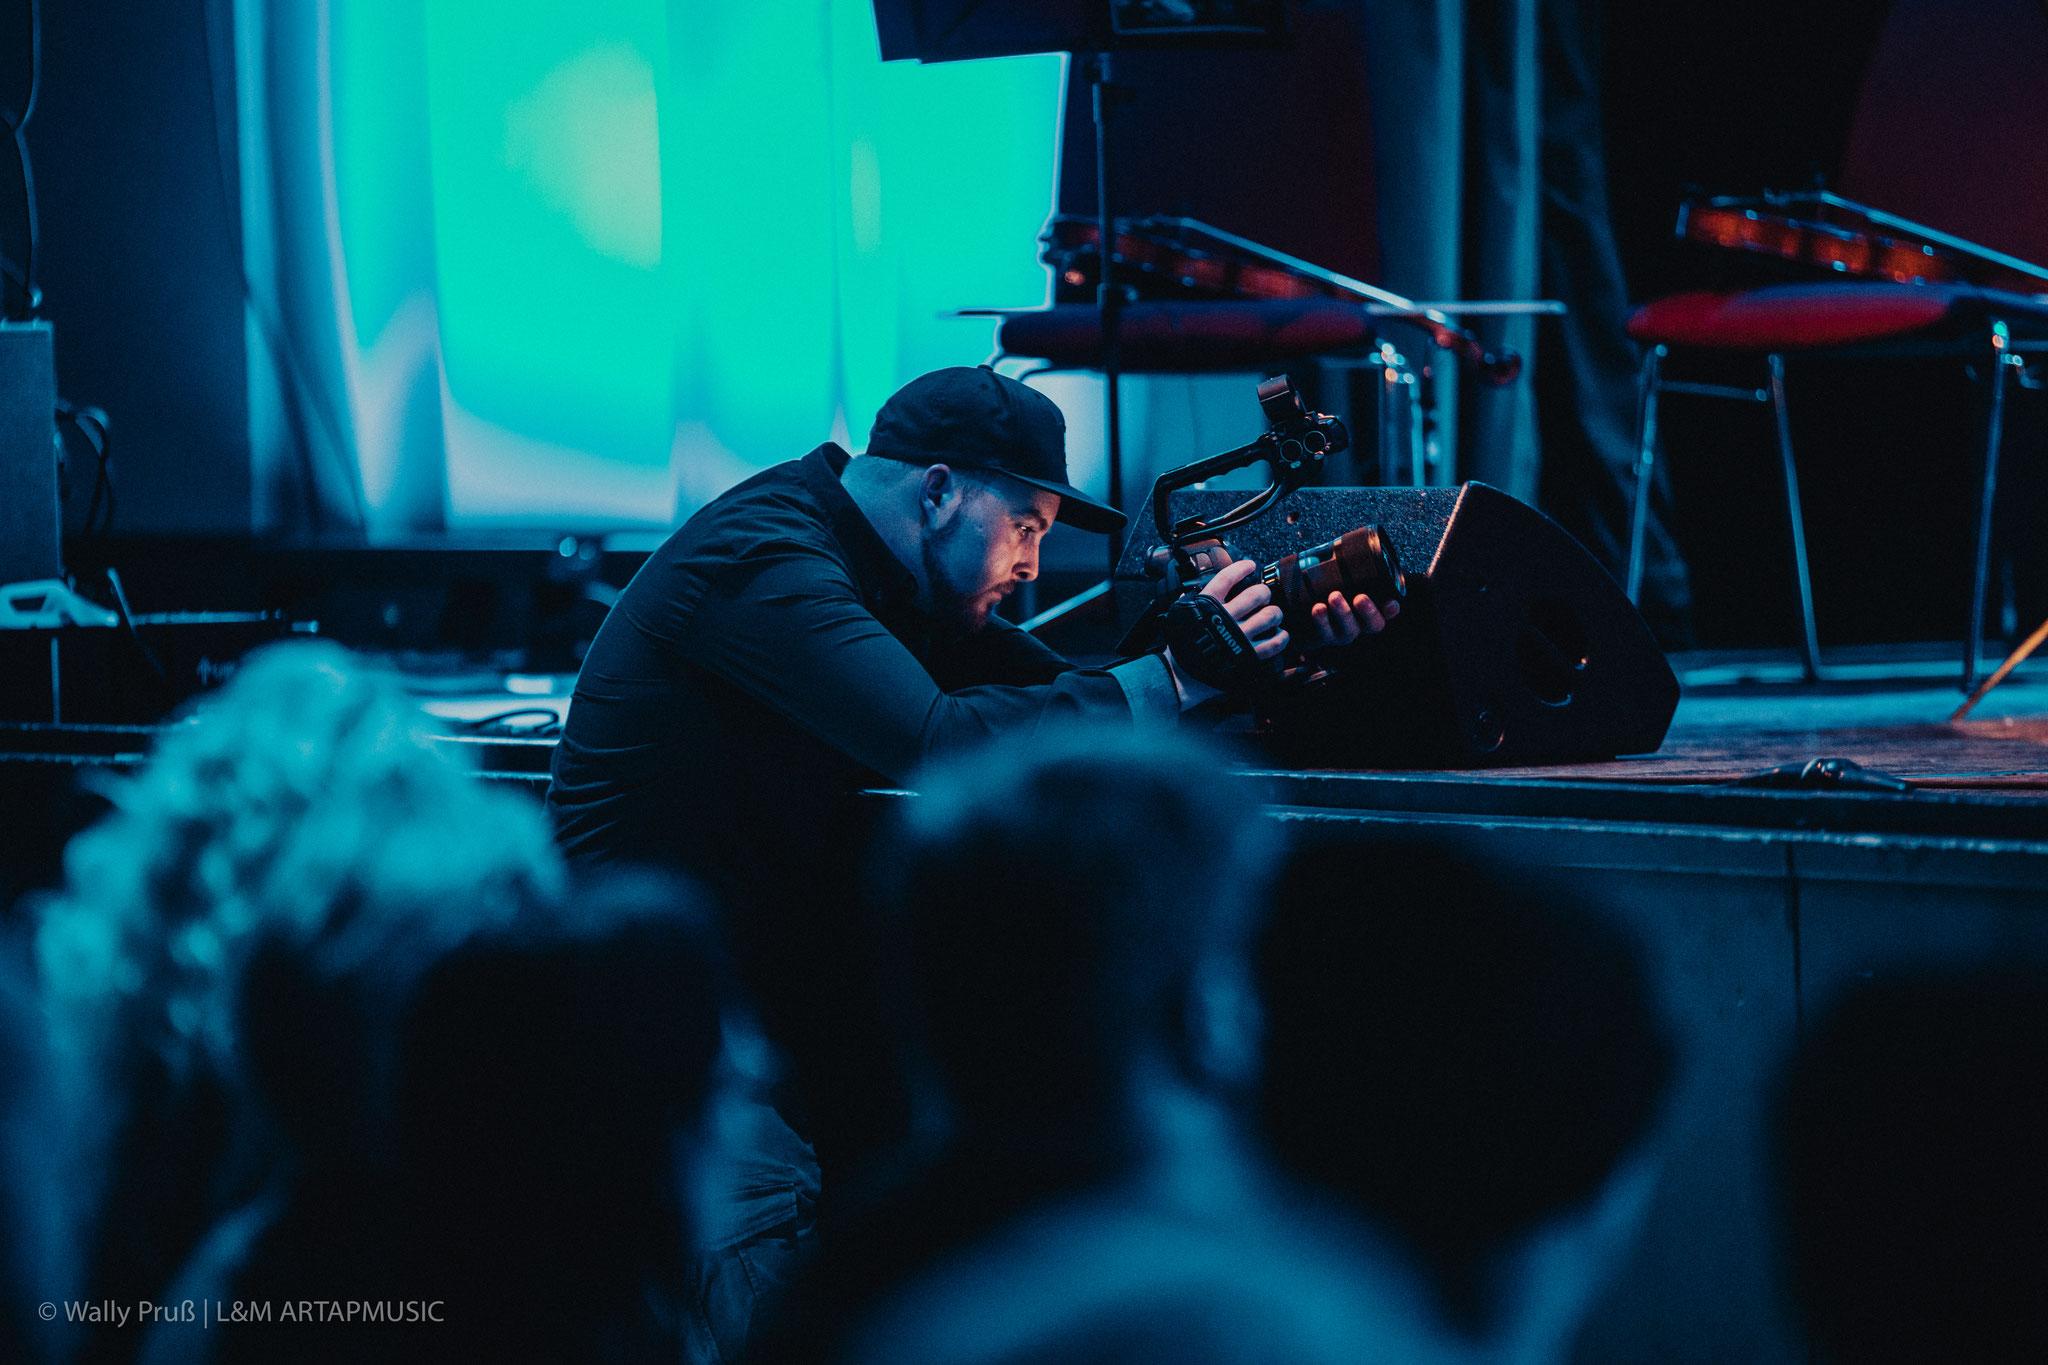 Artur und Band Stadthallenkonzert   04.01.2020 ©Wally Pruss   L&M artapmusic